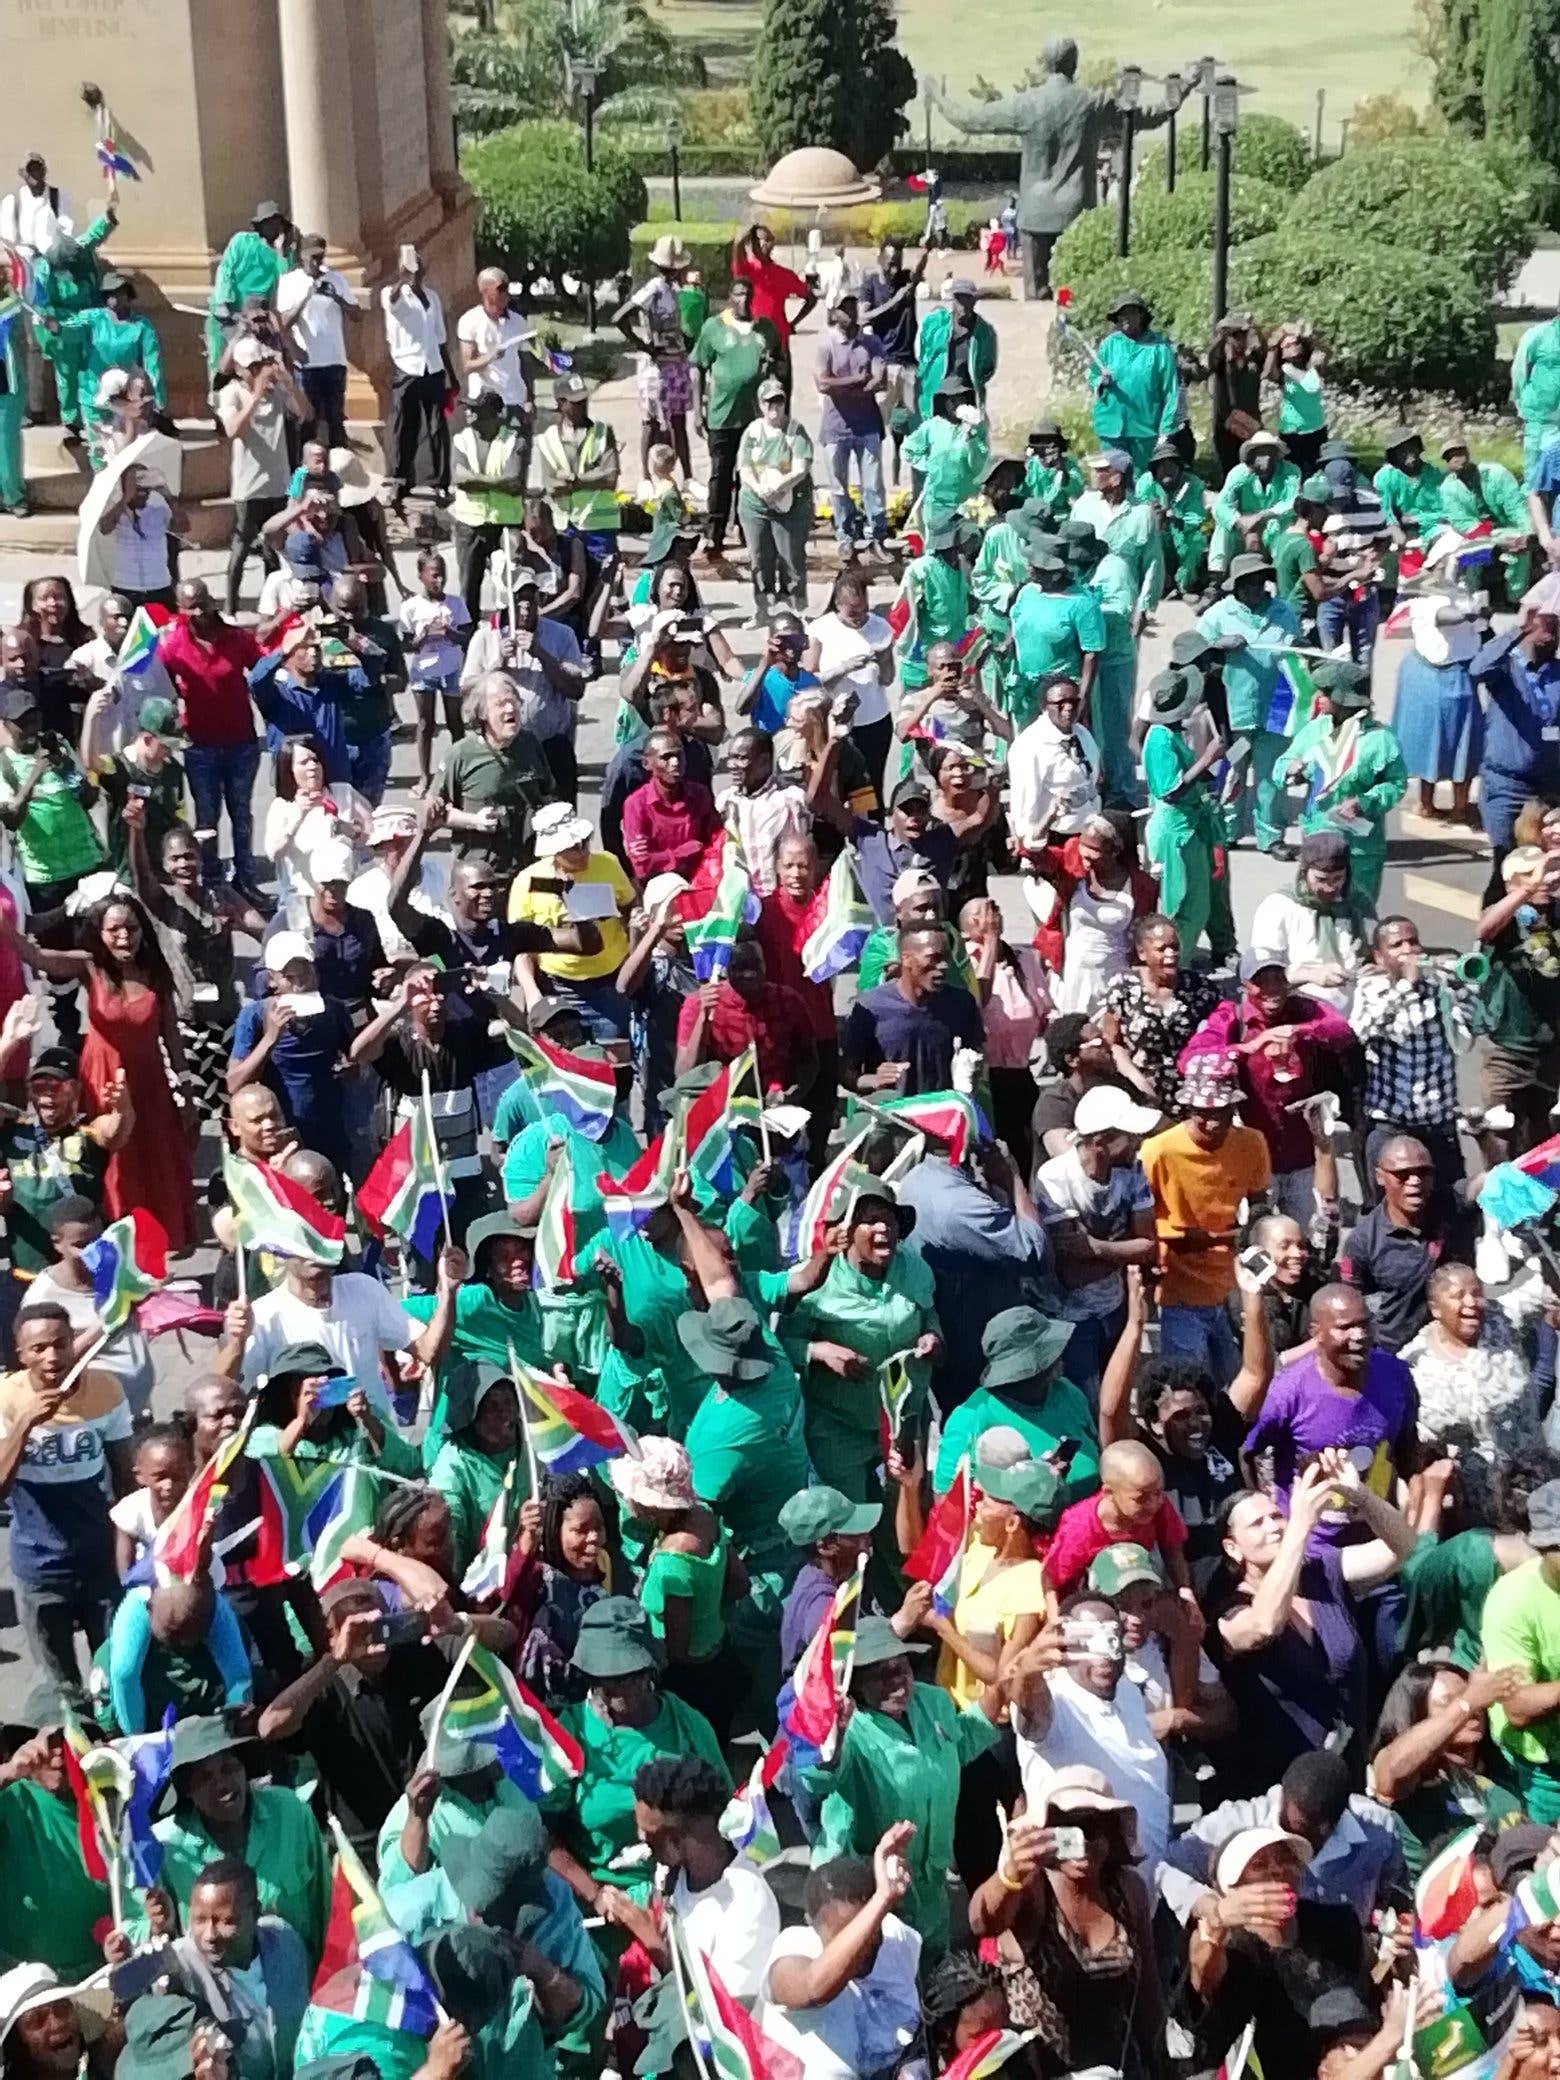 springboks parade tour rwc pretoria